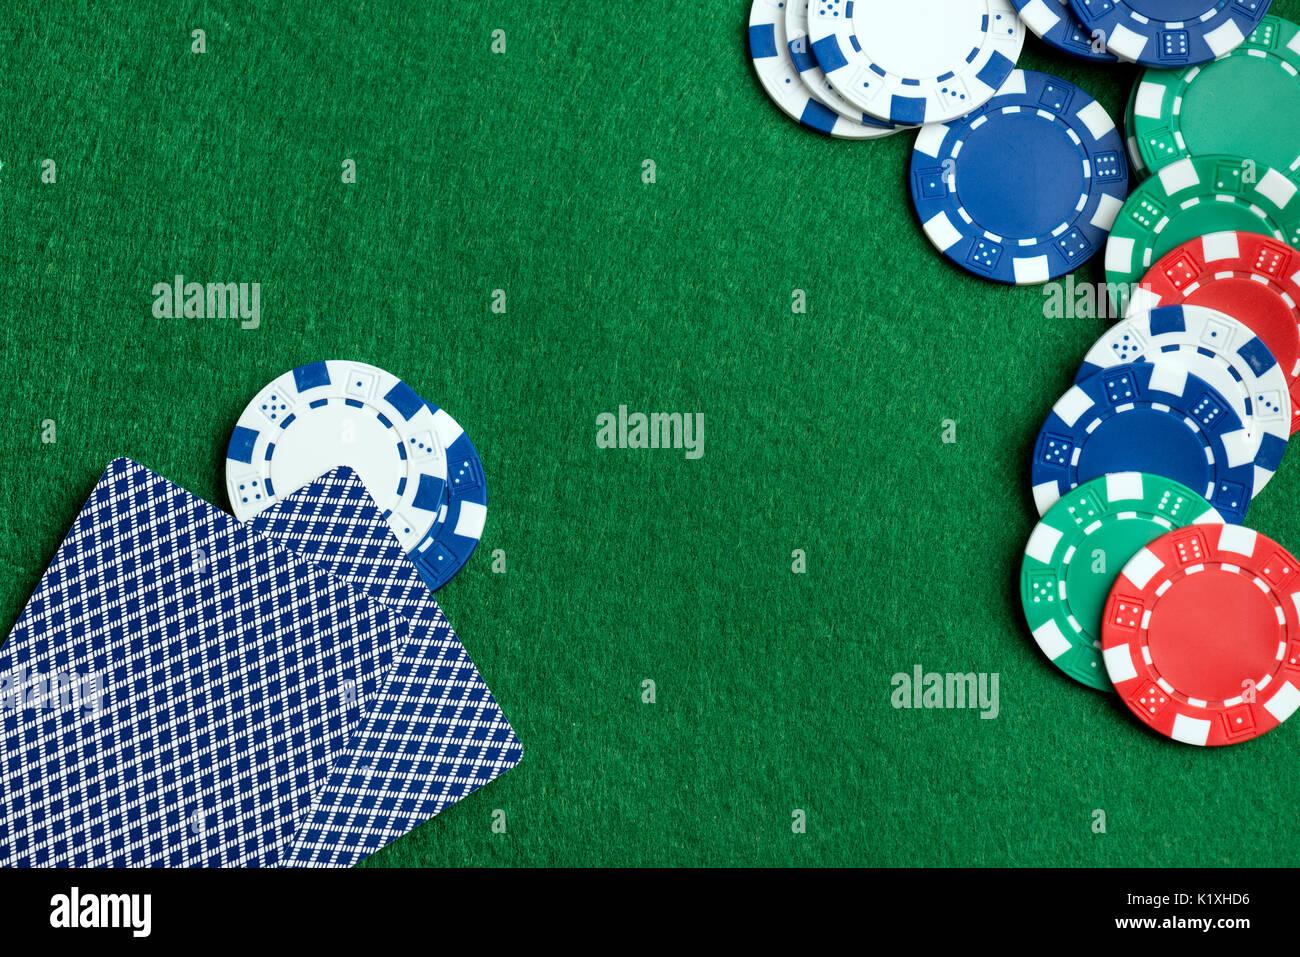 Mesa Verde Con Fichas De Casino Y Jugar A Las Cartas Concepto De